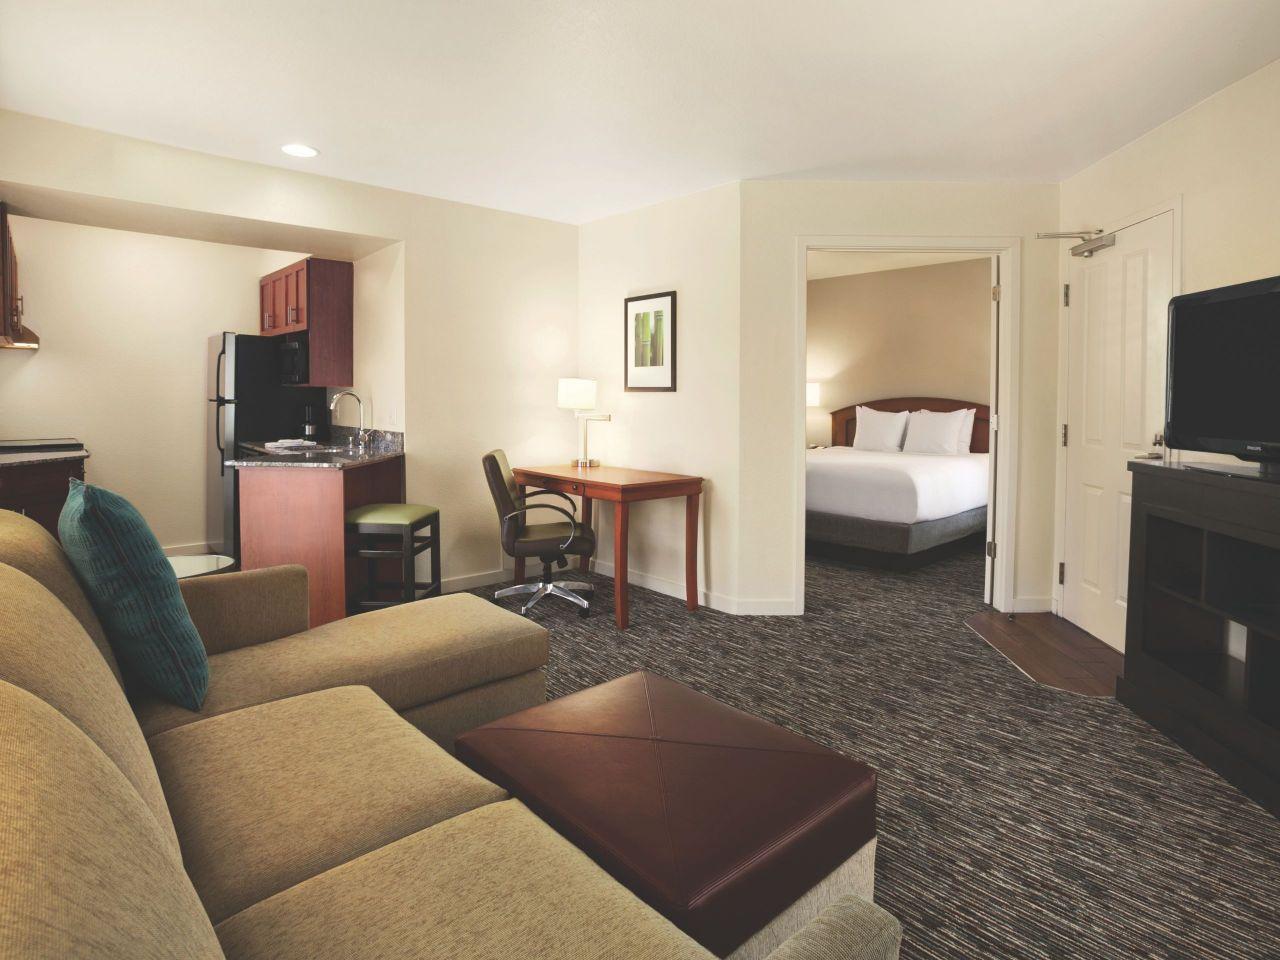 Hyatt House One Bedroom Suite